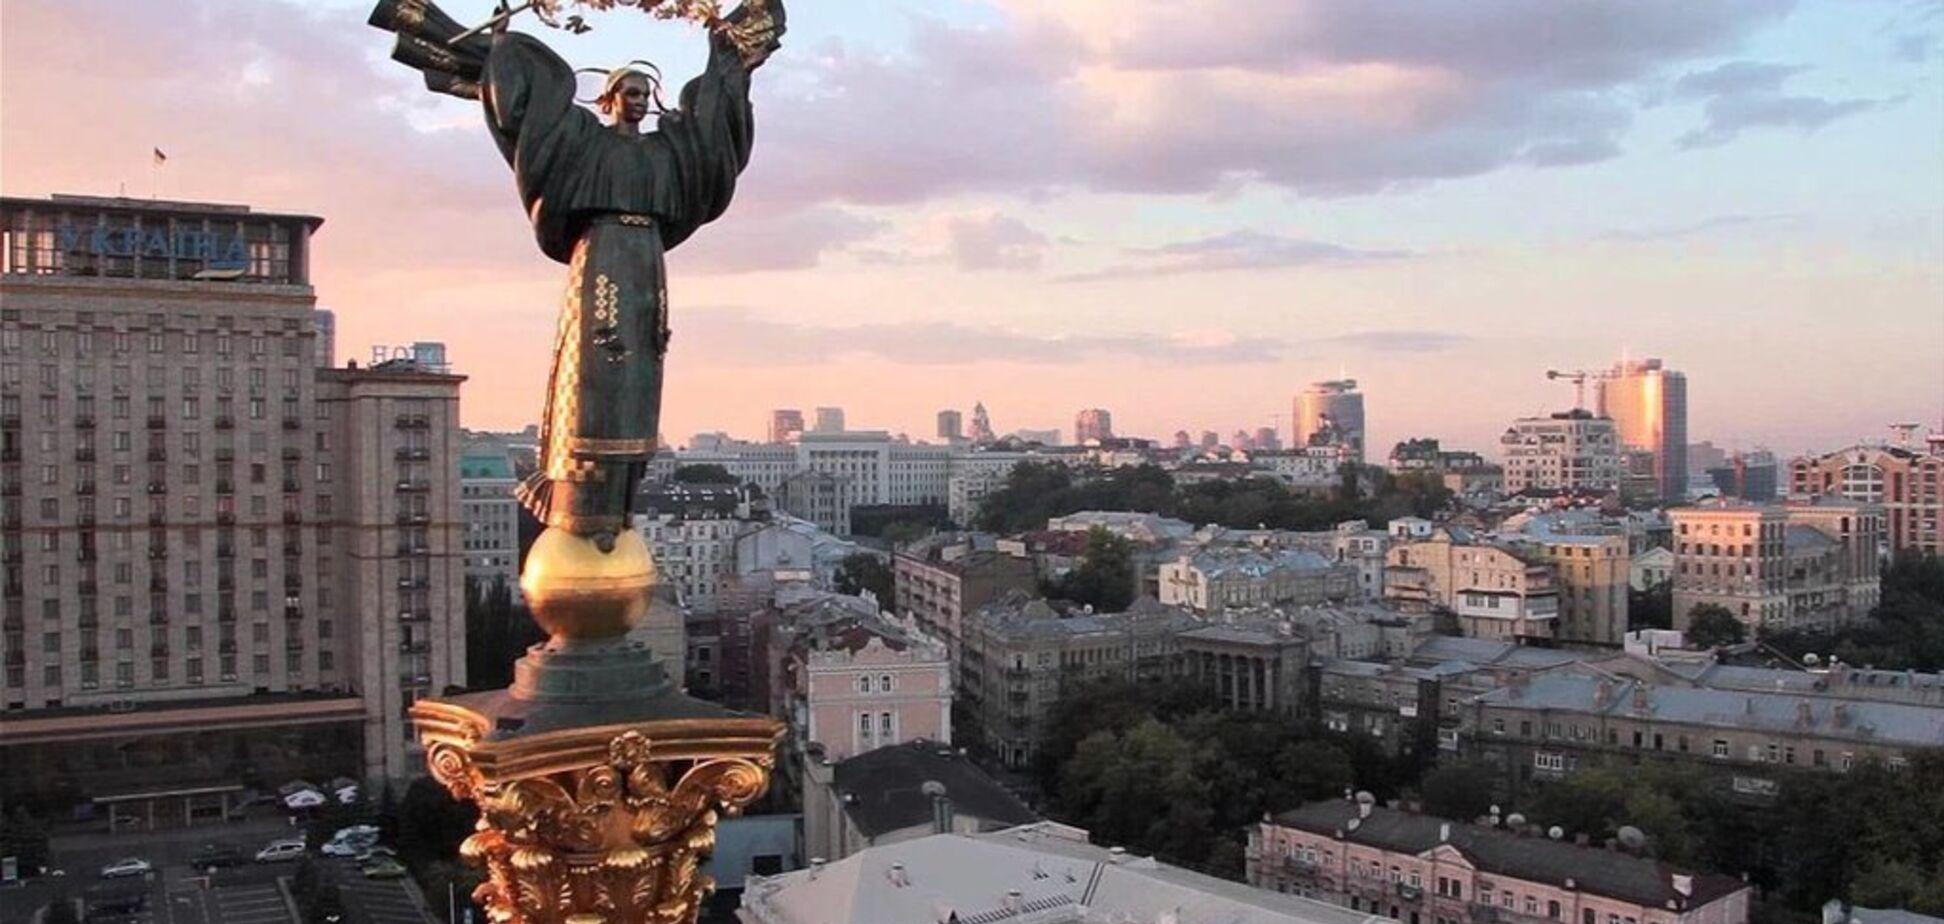 Переименование Киева: в США сделали заявление о мировом признании Украины